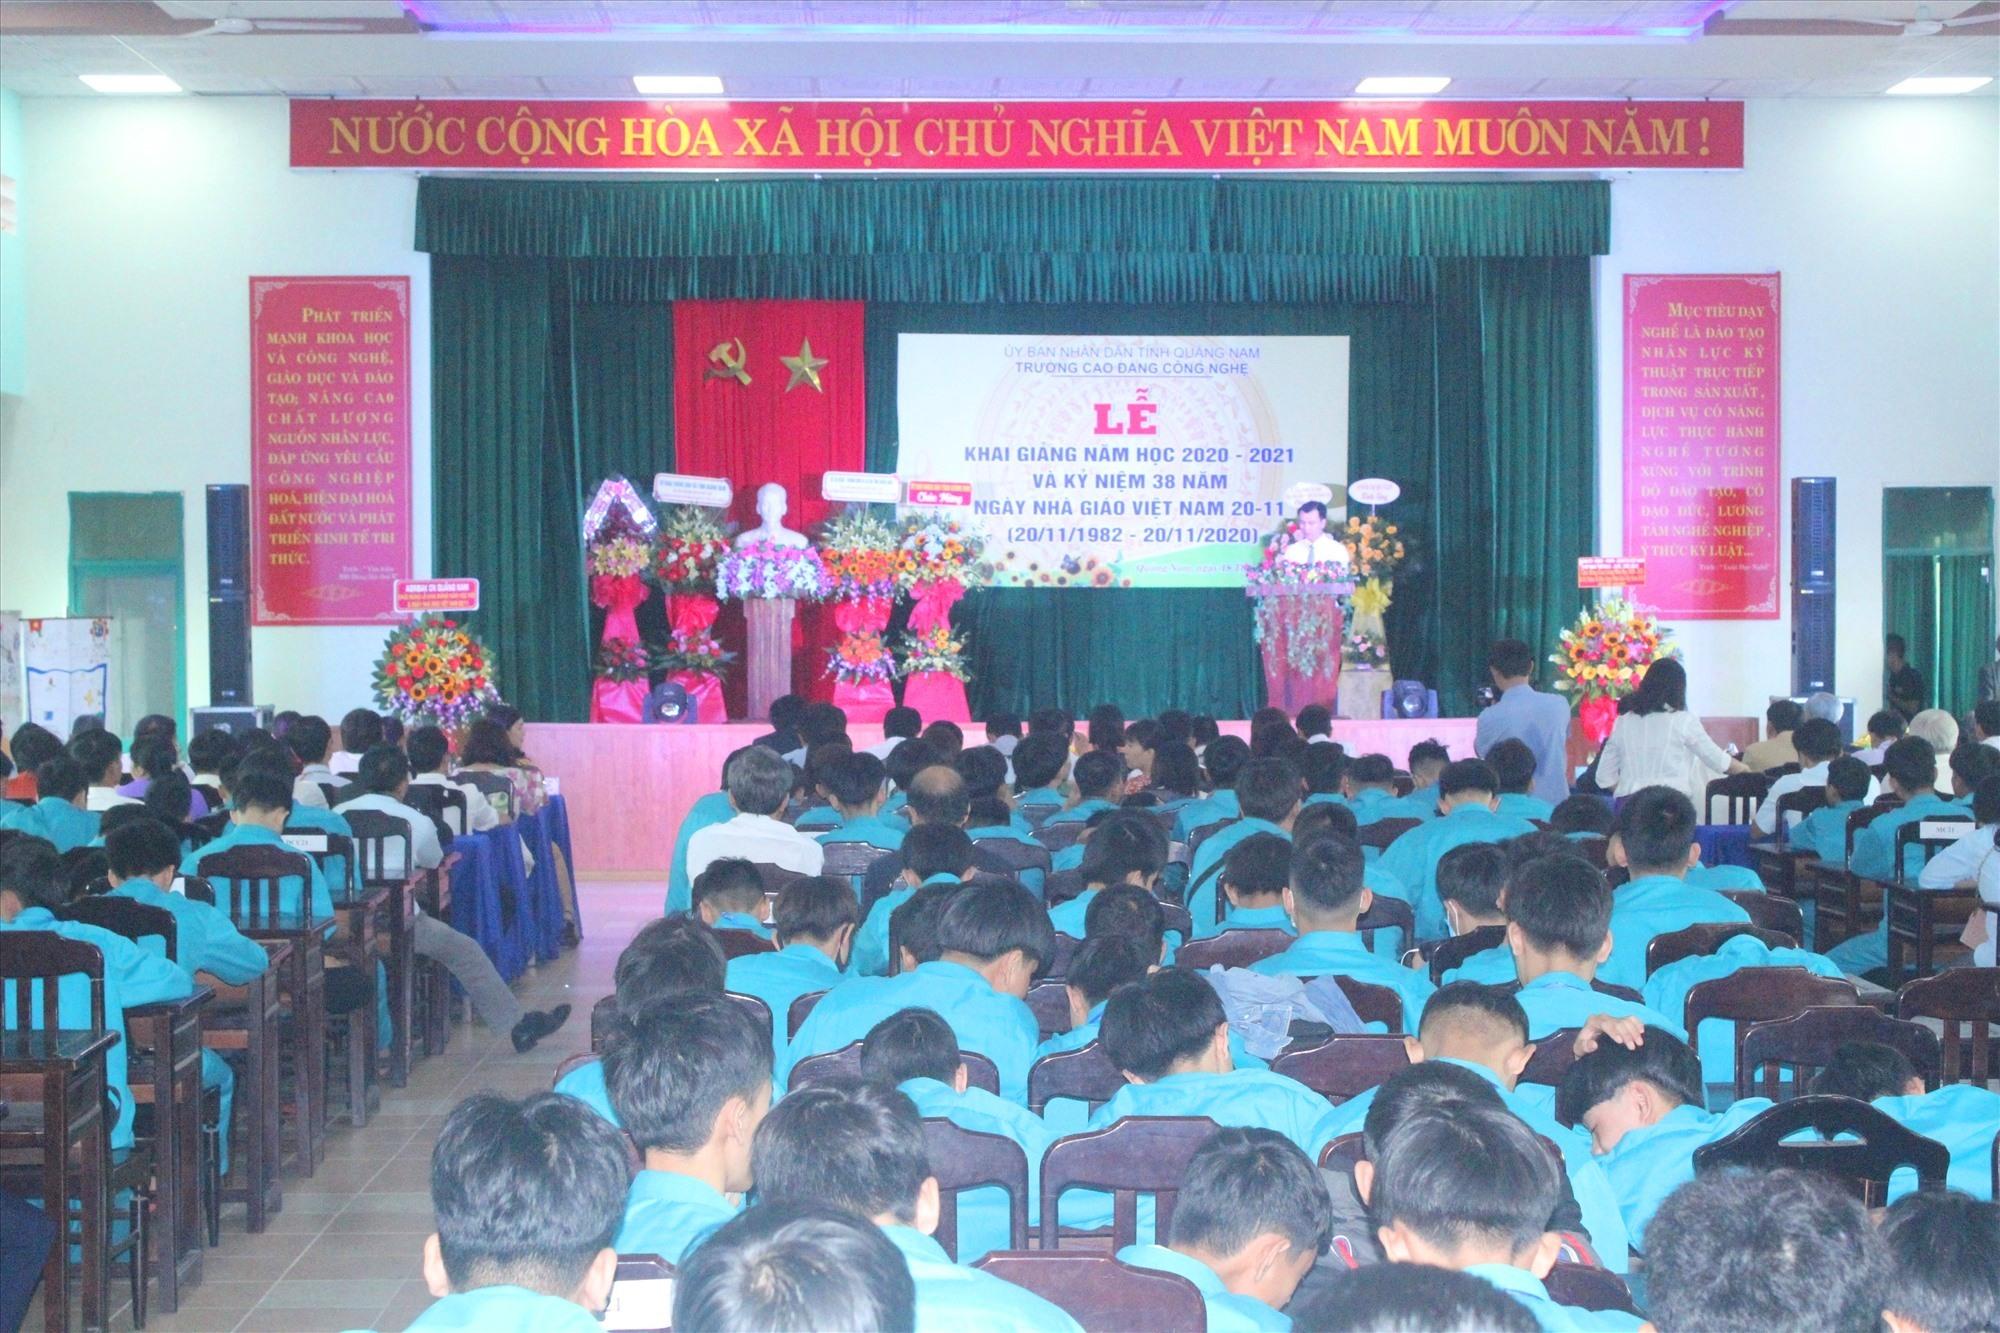 Lễ khai giảng năm học mới 2020 - 2021 tại Trường Cao đẳng Công nghệ Quảng Nam. Ảnh: D.L